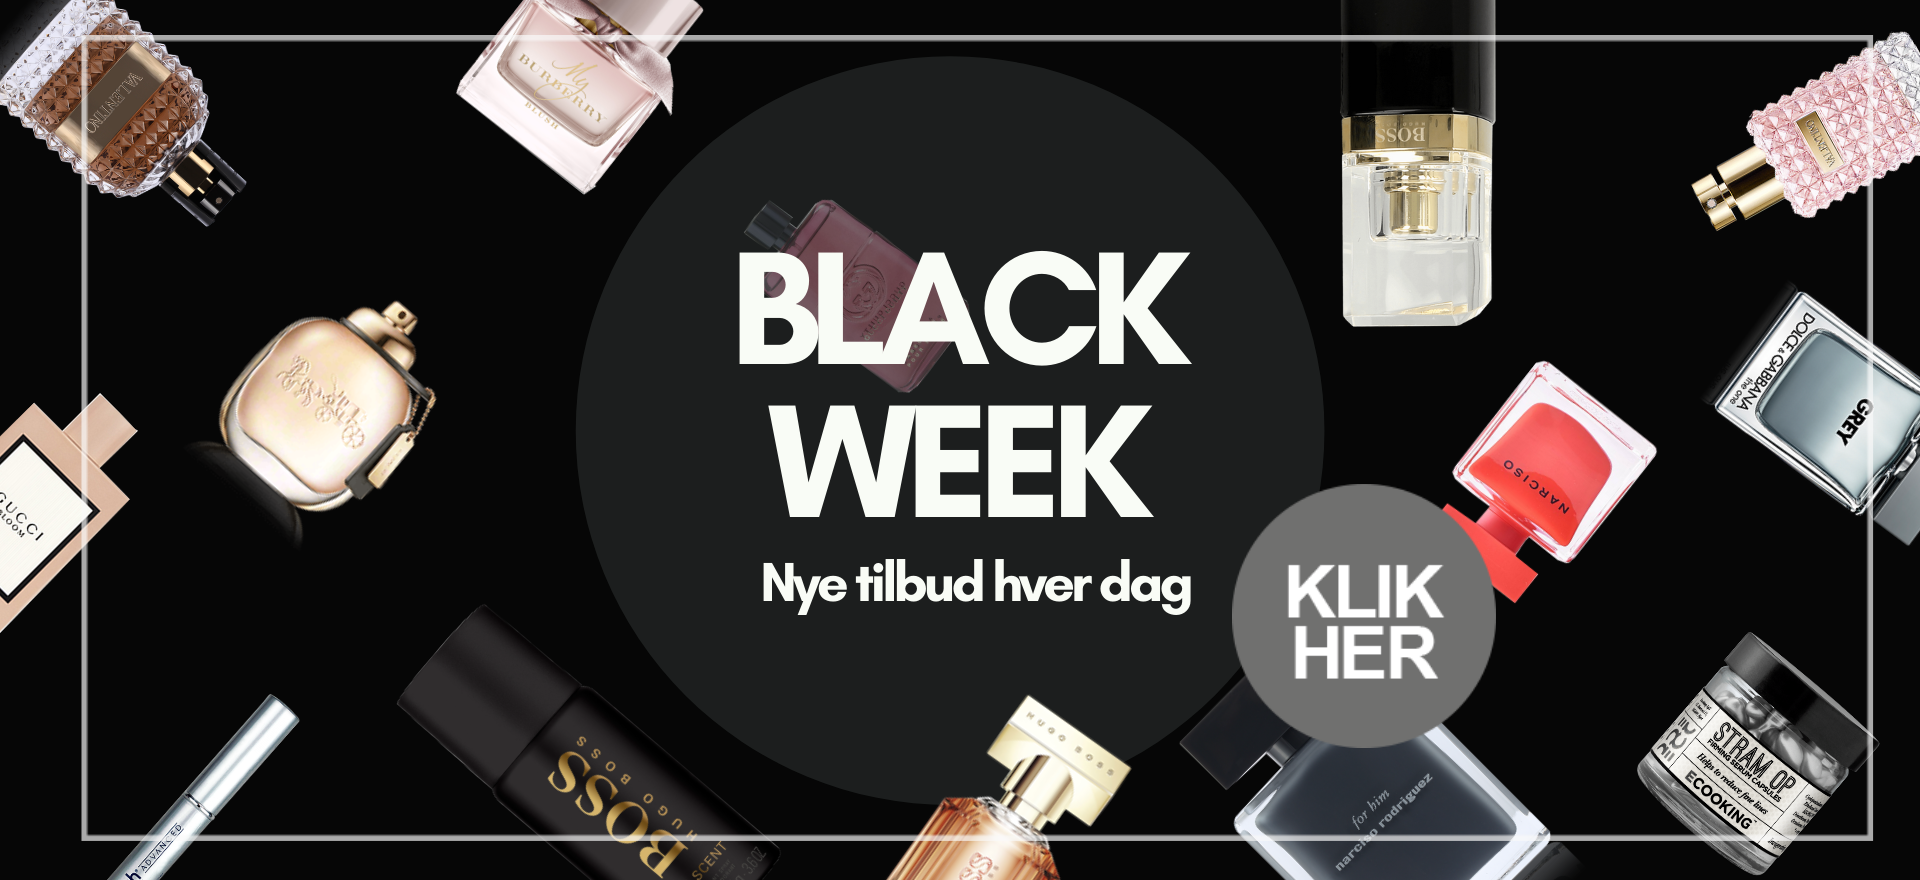 Black Weekend 2019 BilligParfume.dk